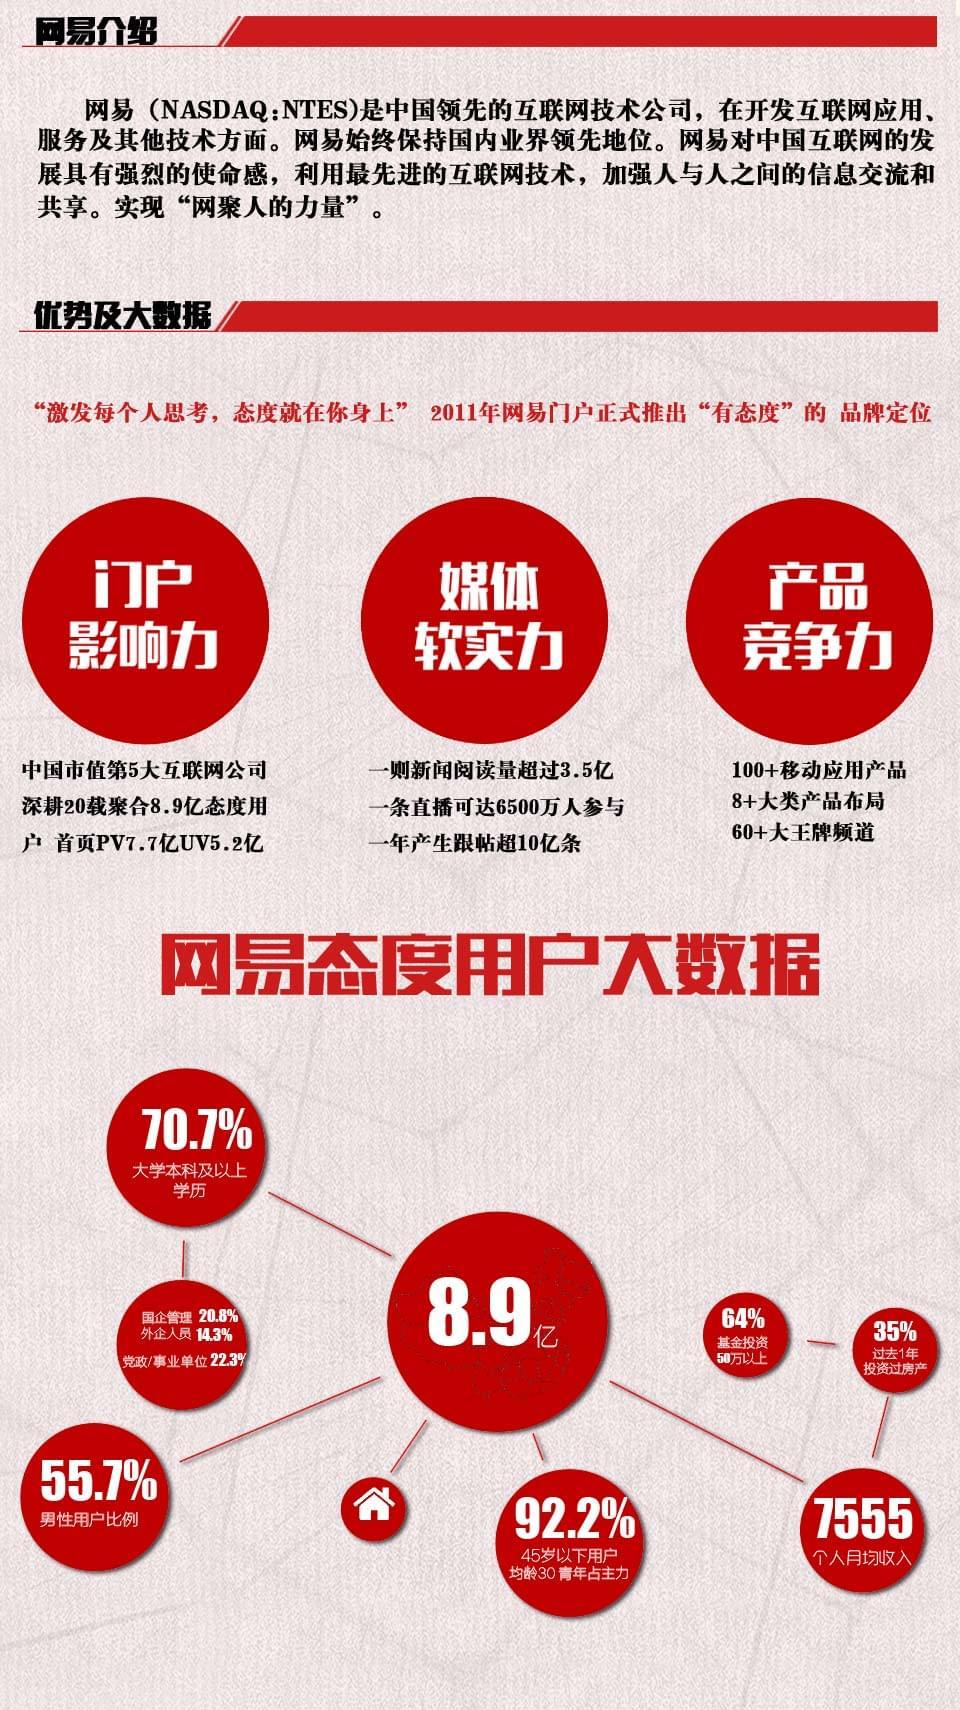 网易房产内蒙古城市合伙人招募公告